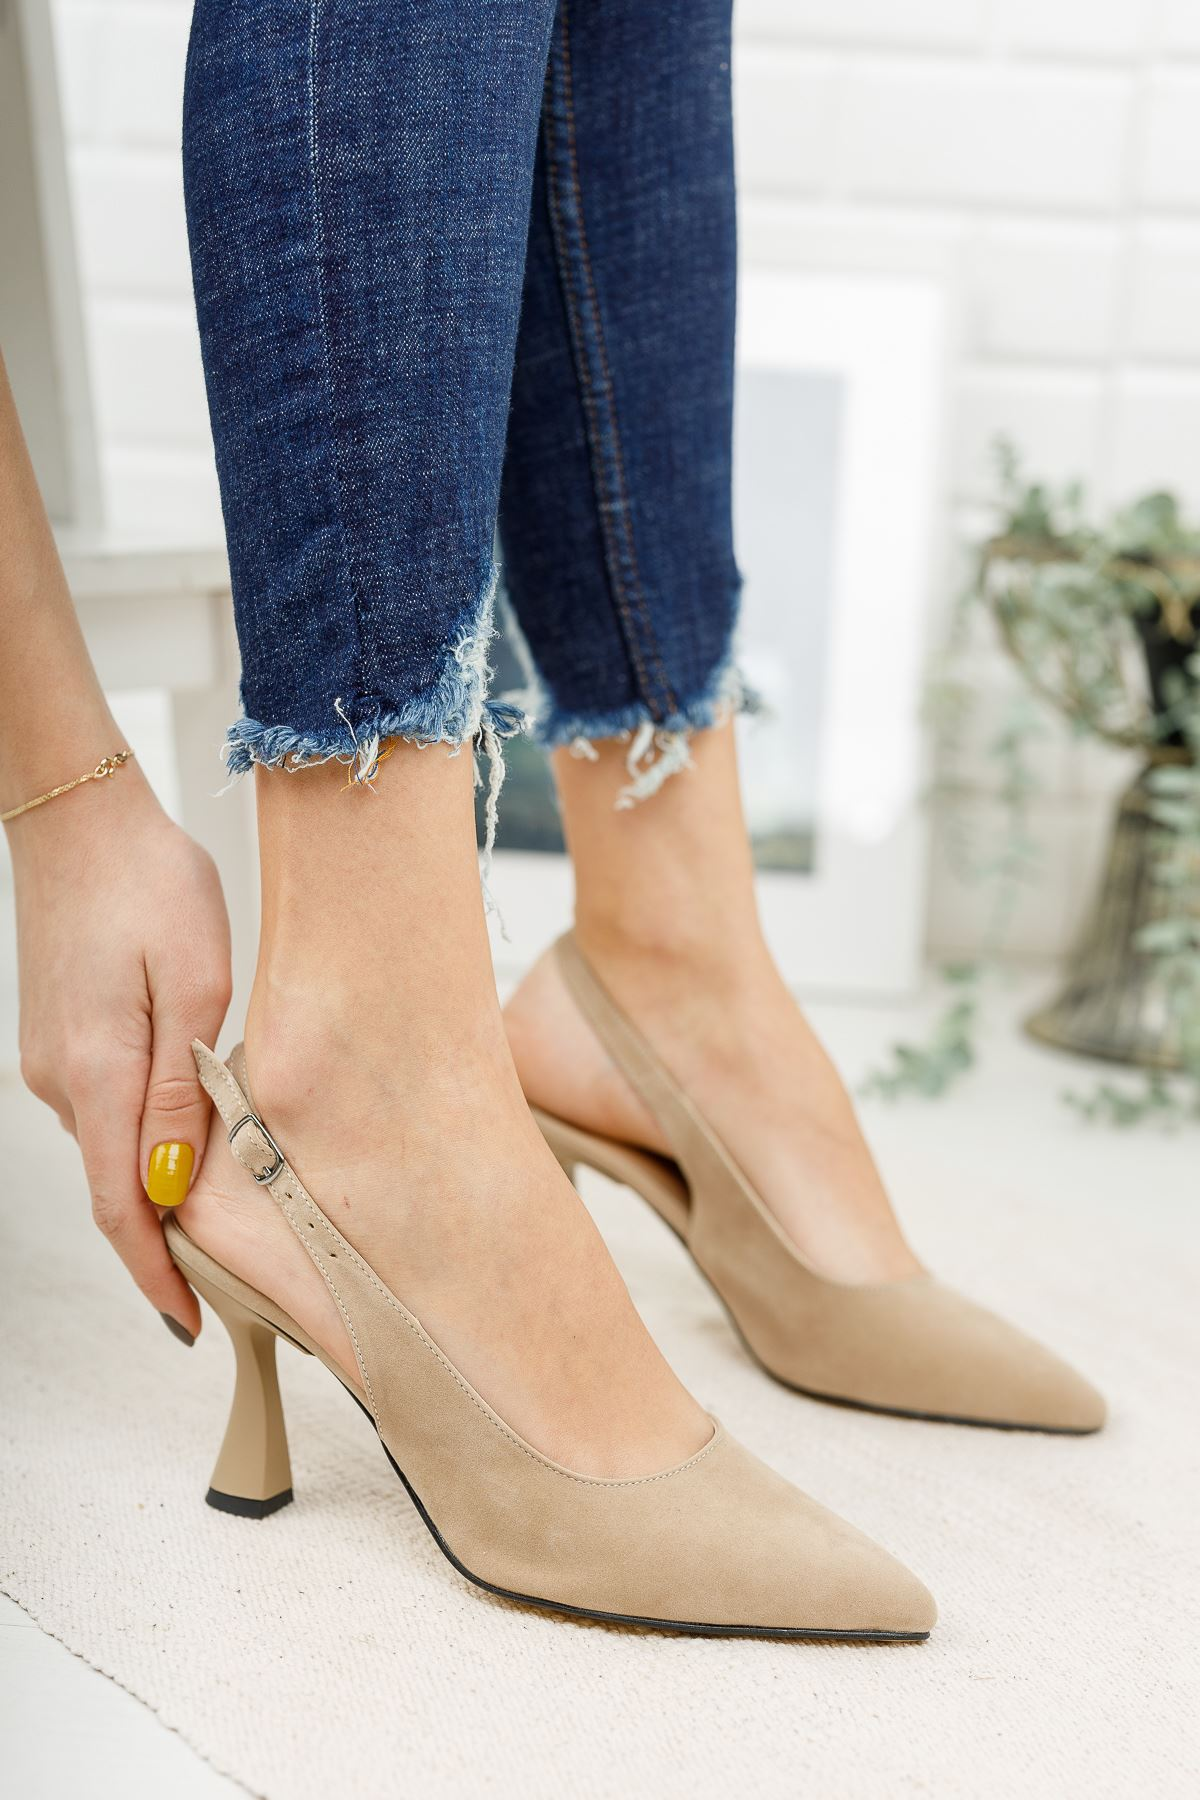 Kadın Ukes Kemer Detaylı Sivri Burun Ten Süet Topuklu Ayakkabı